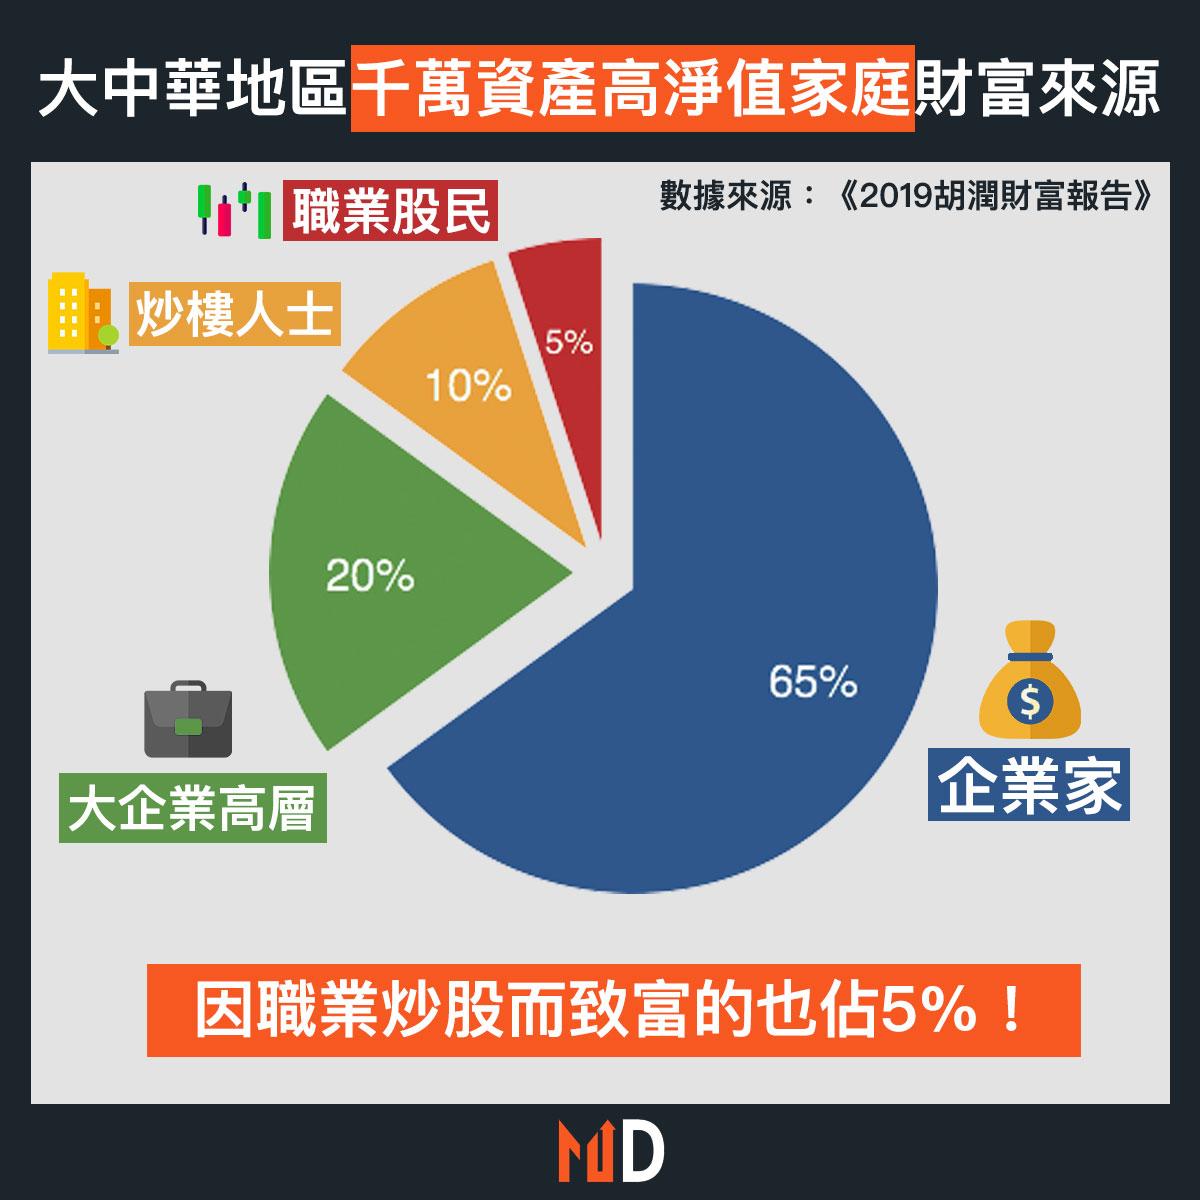 【致富方法】大中華地區千萬資產高淨值家庭財富來源:因職業炒股而致富的也佔5%!